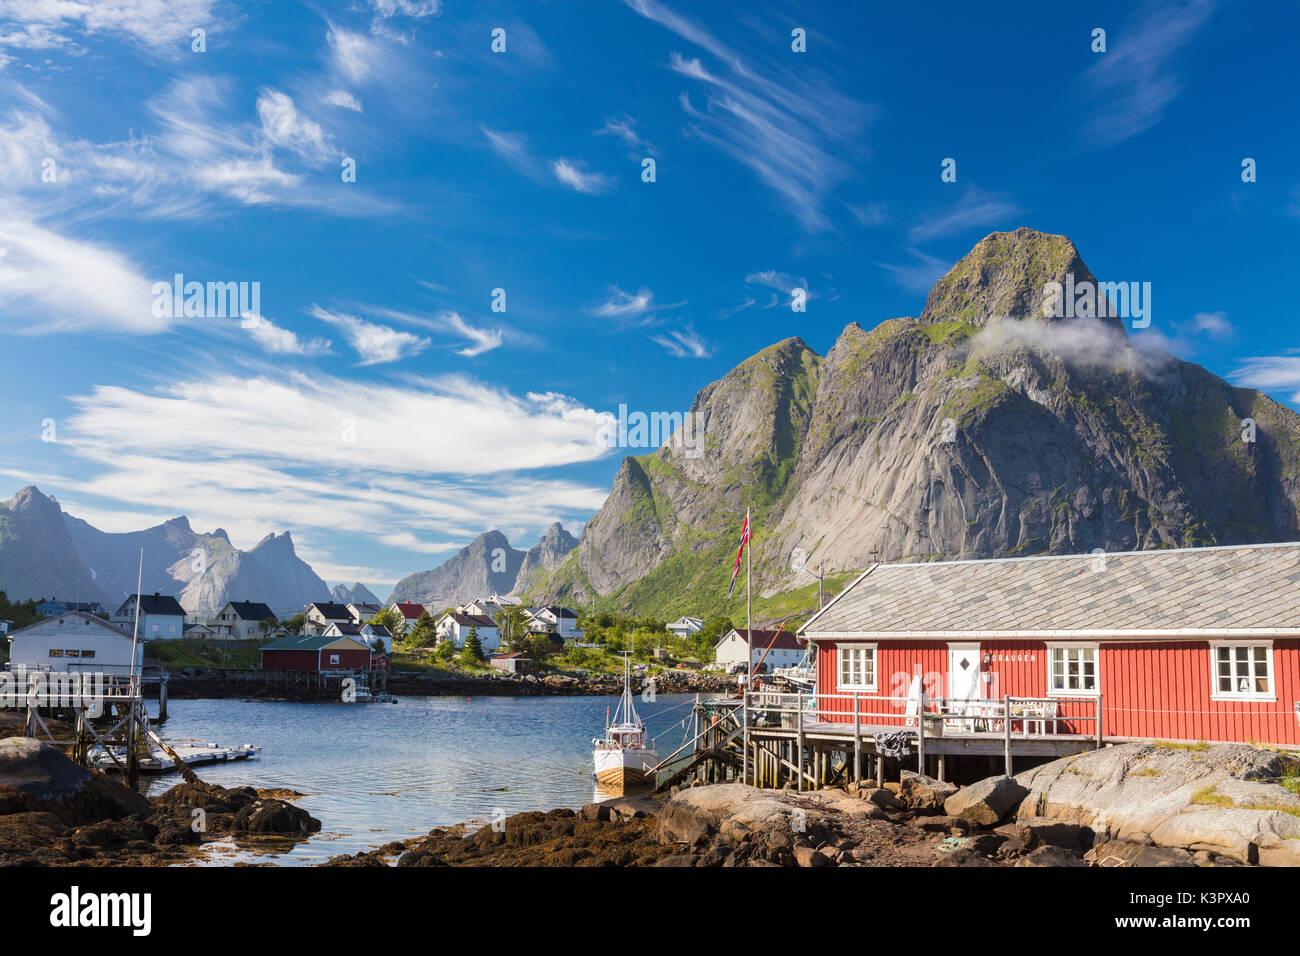 Maison typique de pêcheurs appelée Rorbu encadrée par des pics rocheux et d'une mer bleue Reine Lofoten, Norvège Europe Moskenes Photo Stock